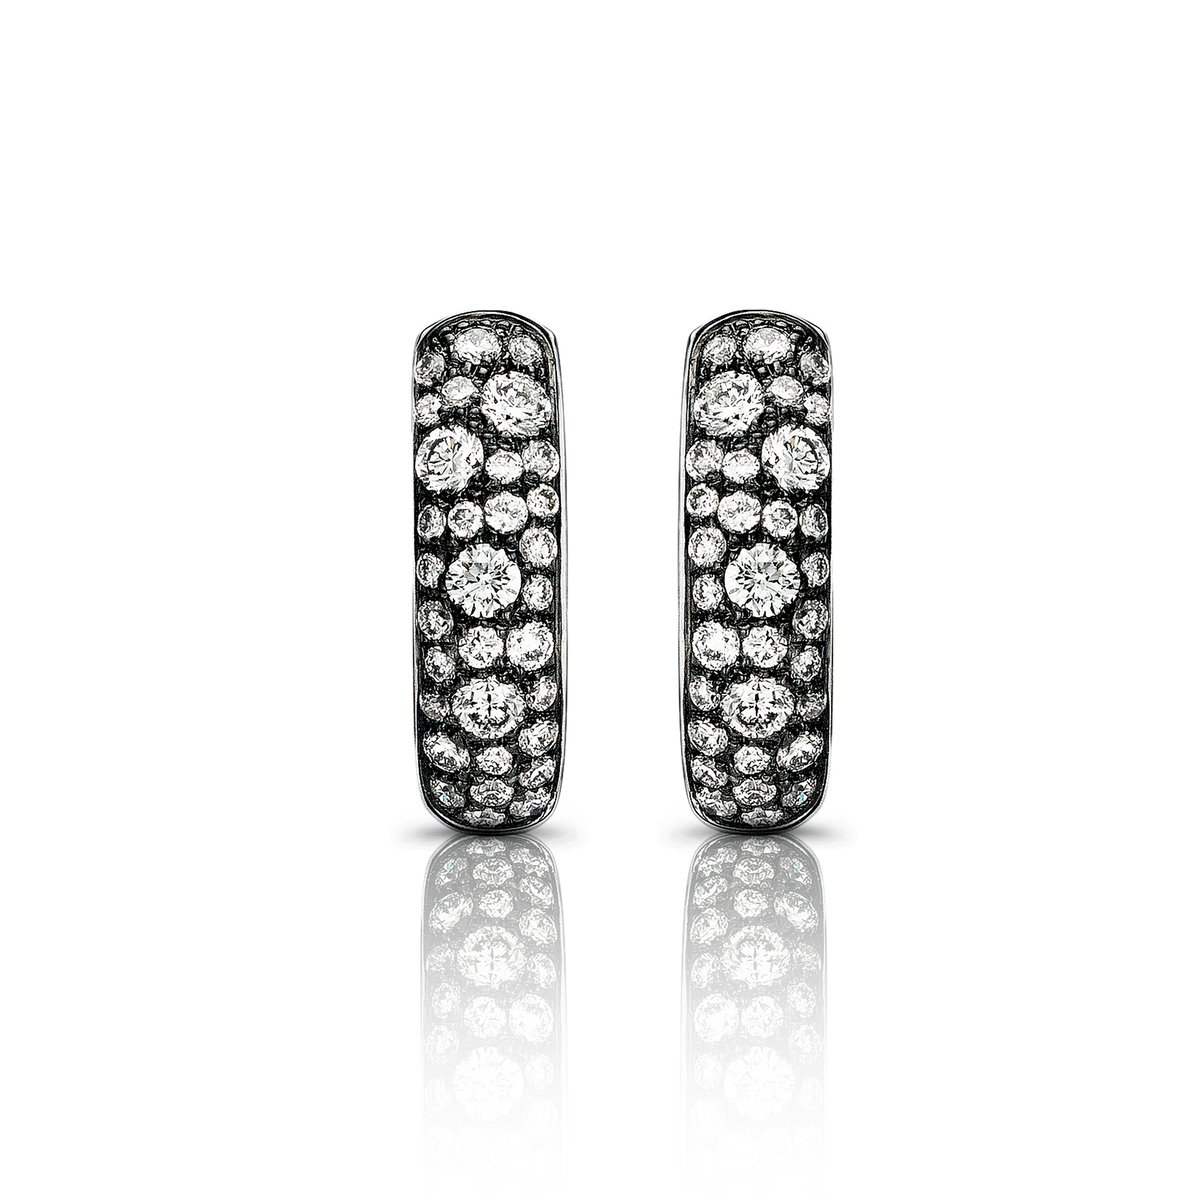 panarea earrings in white gold